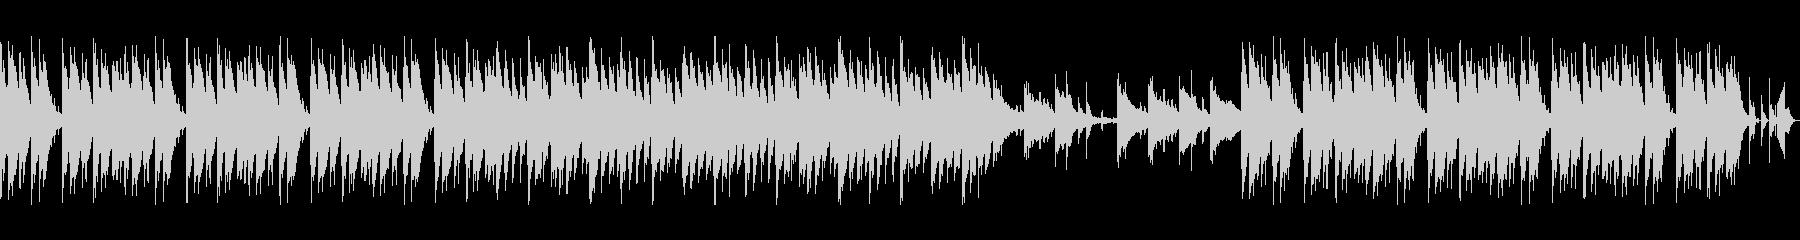 ループ・メイン抜 アングラなHIPHOPの未再生の波形